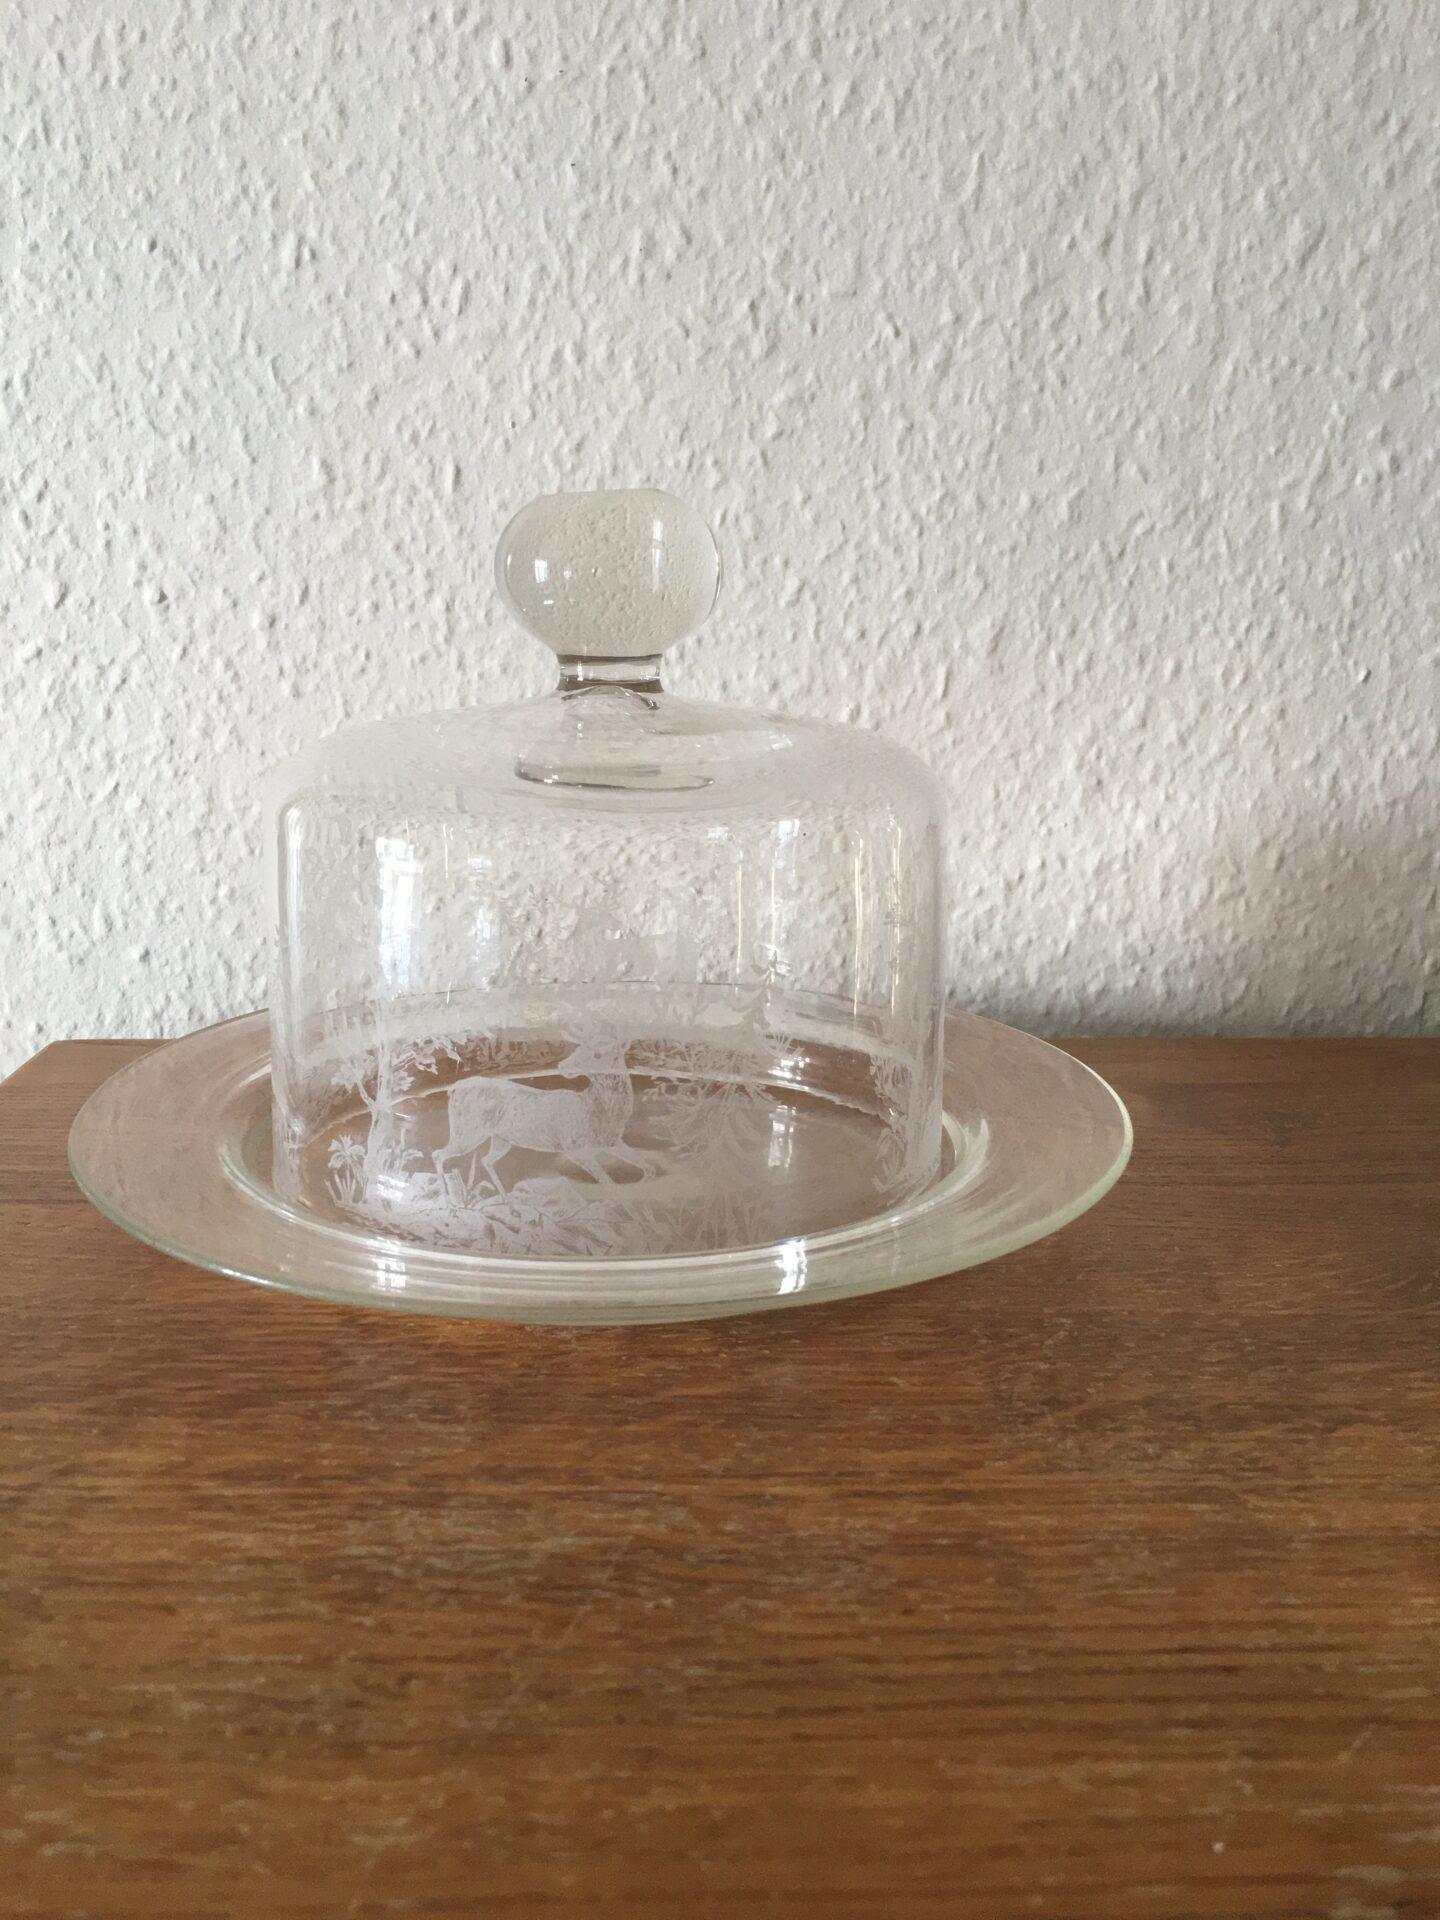 Antik osteklokke med hjortemotiv, Kastrup Glasværk, pris 500kr